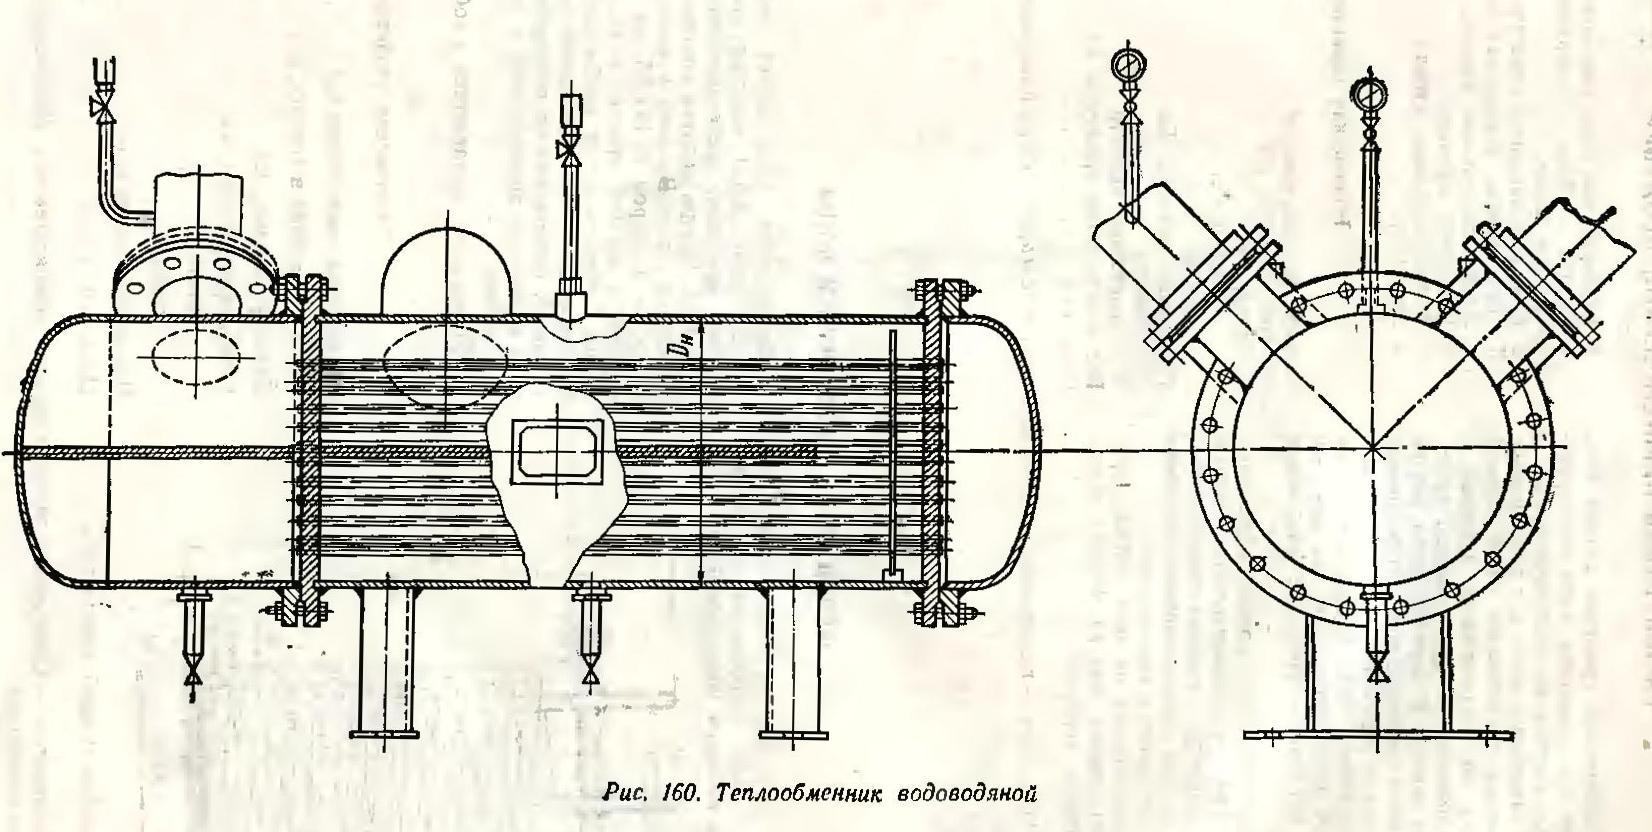 Теплообменник водоводяной котельная водяной пол с кожухотрубным теплообменником